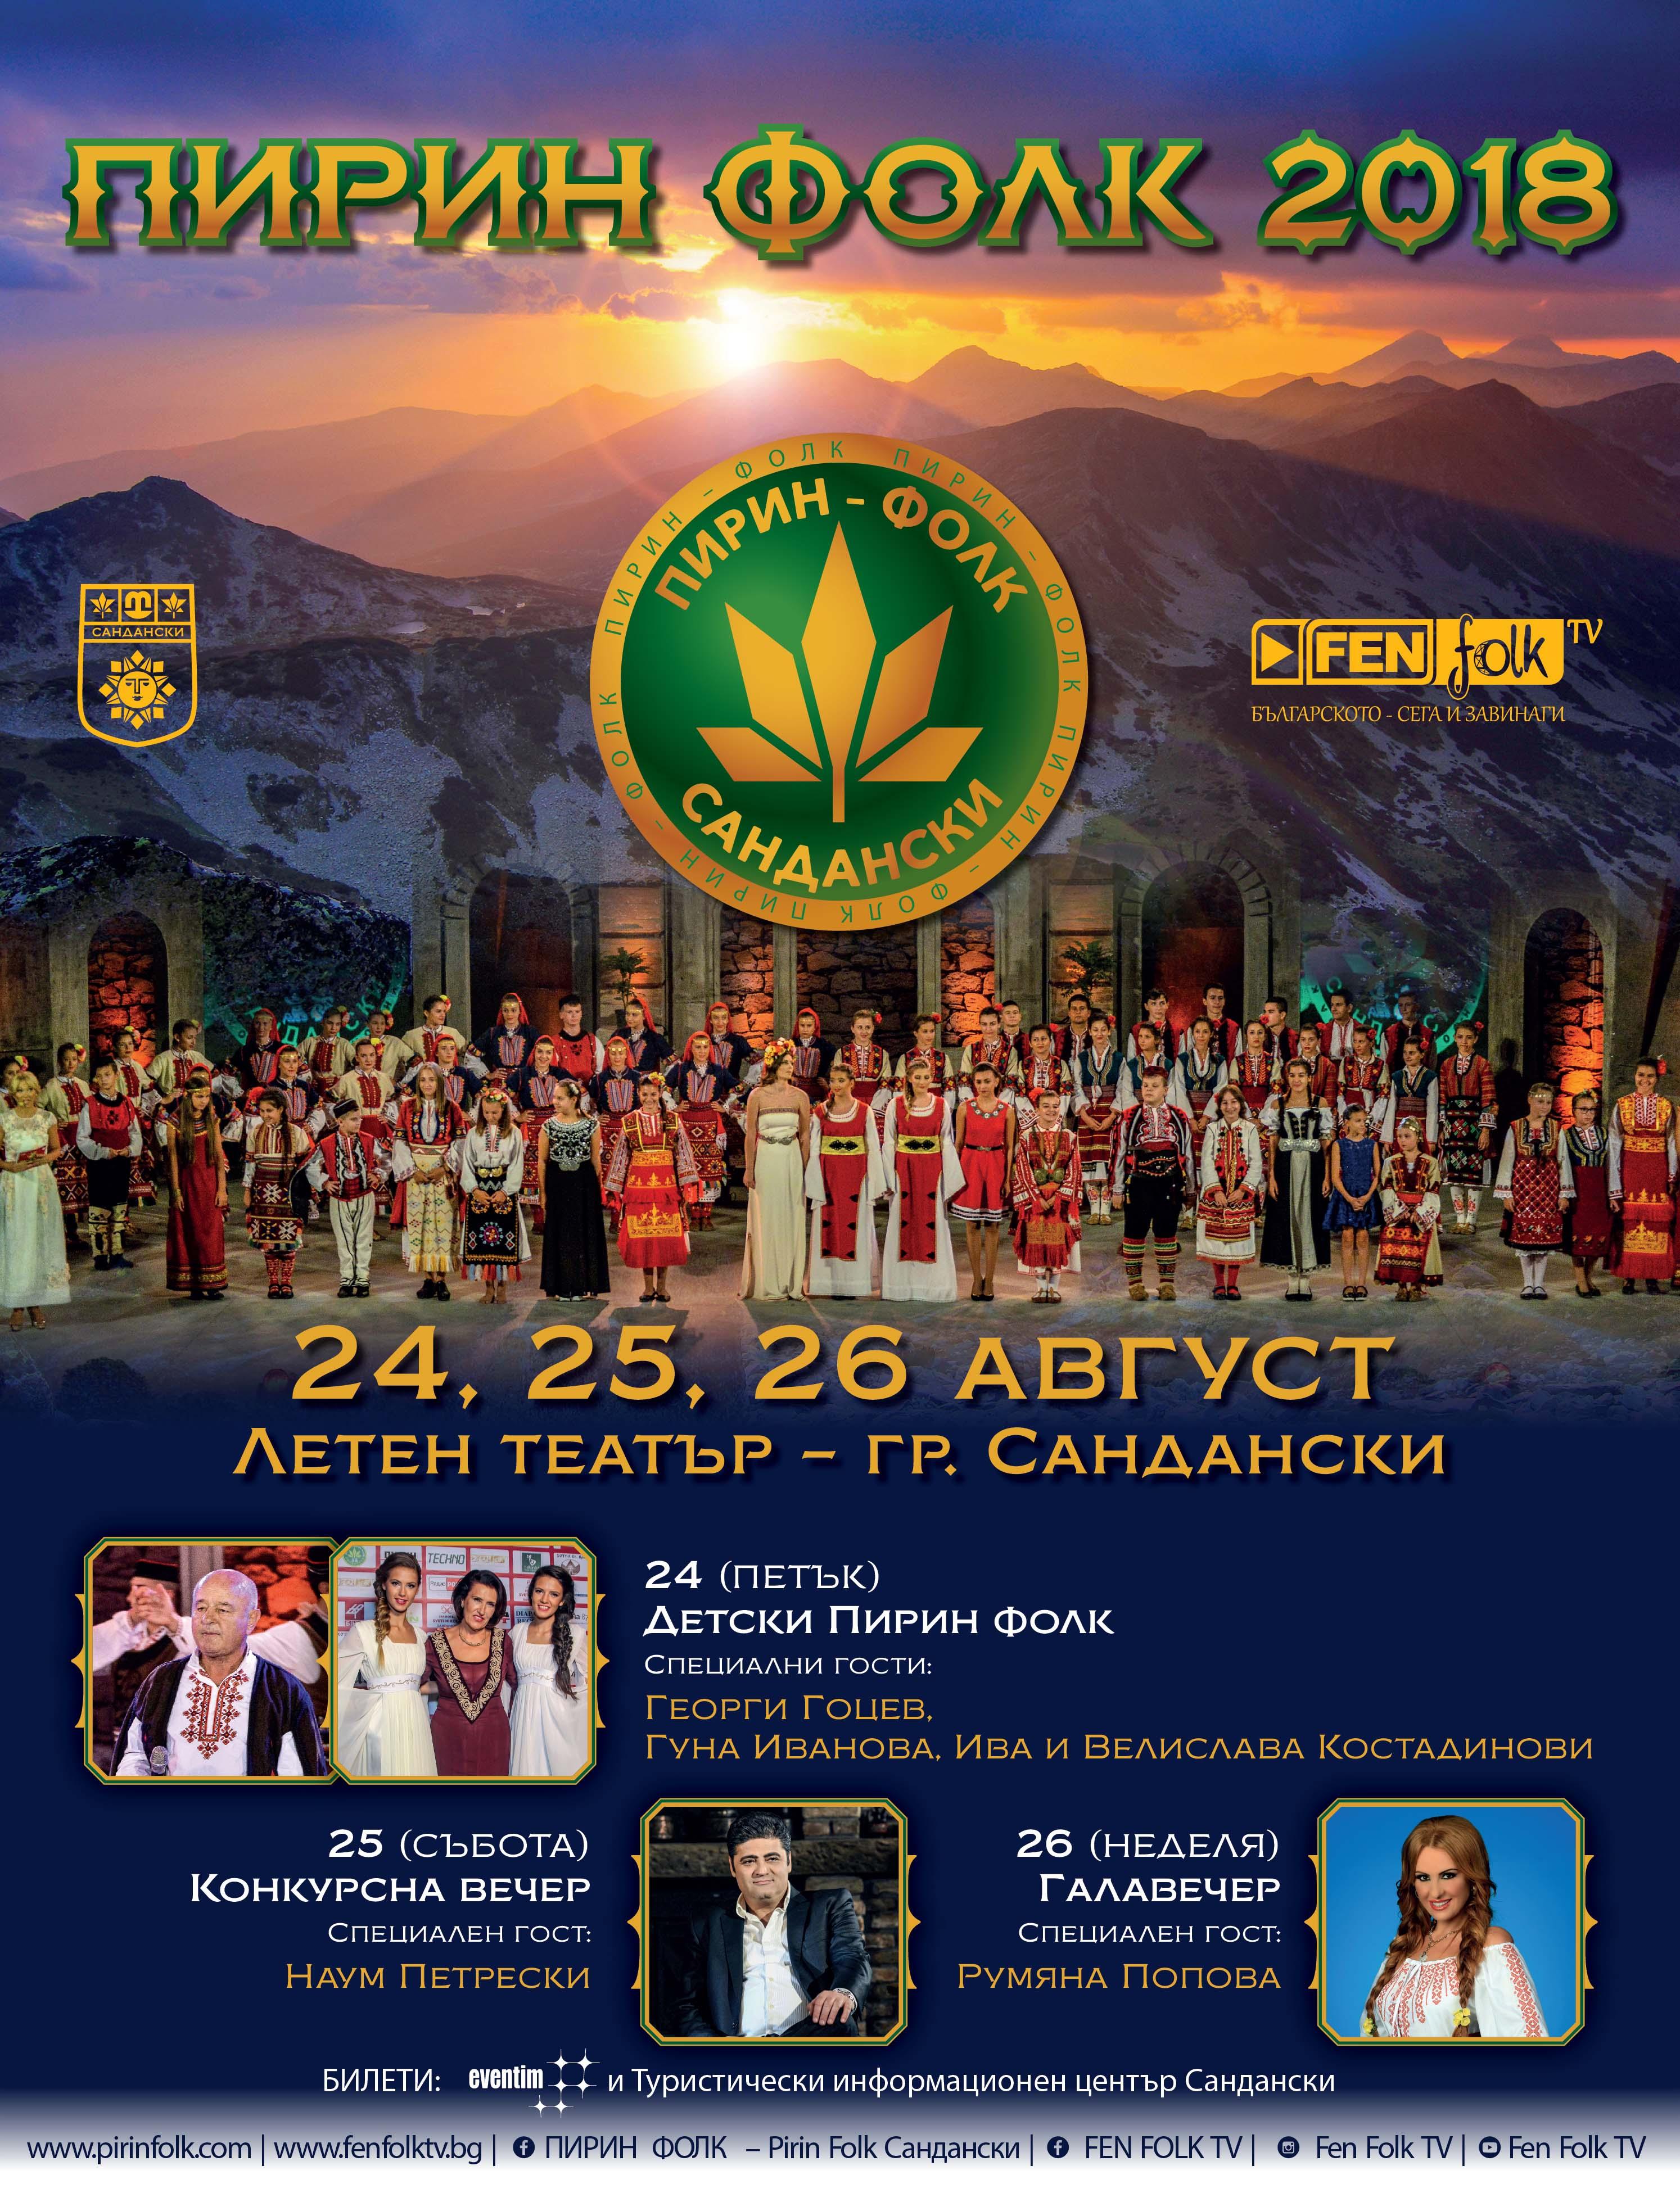 Pirin Folk 2018_Afish 50-70_WEB BEZ LOGA